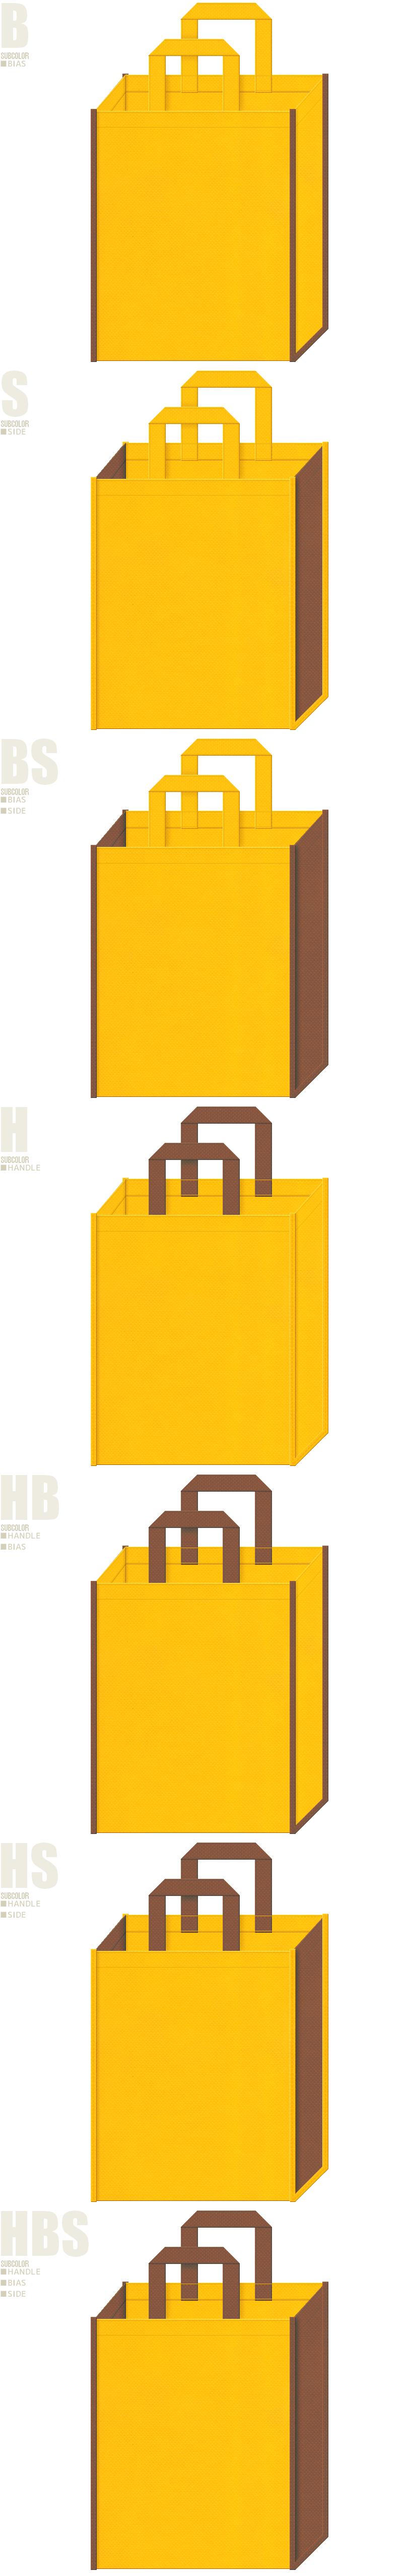 いちょうの木・スイートポテト・ロールケーキ・カステラのイメージにお奨めの不織布バッグデザイン:黄色と茶色の不織布バッグ配色7パターン。